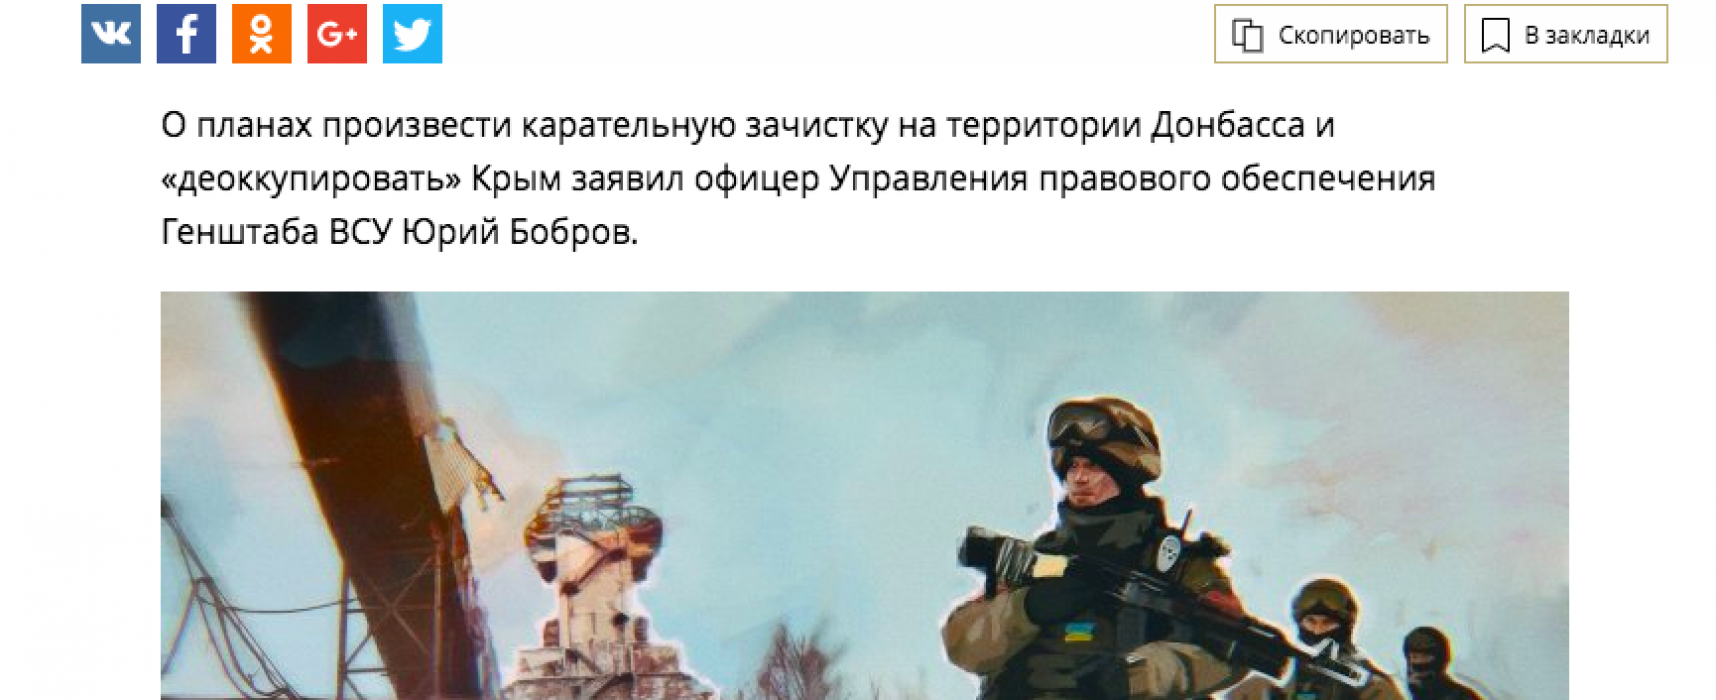 """Фейк: в Генштабе ВСУ заявили о """"карательной зачистке"""" на Донбассе и """"походе"""" на Крым"""